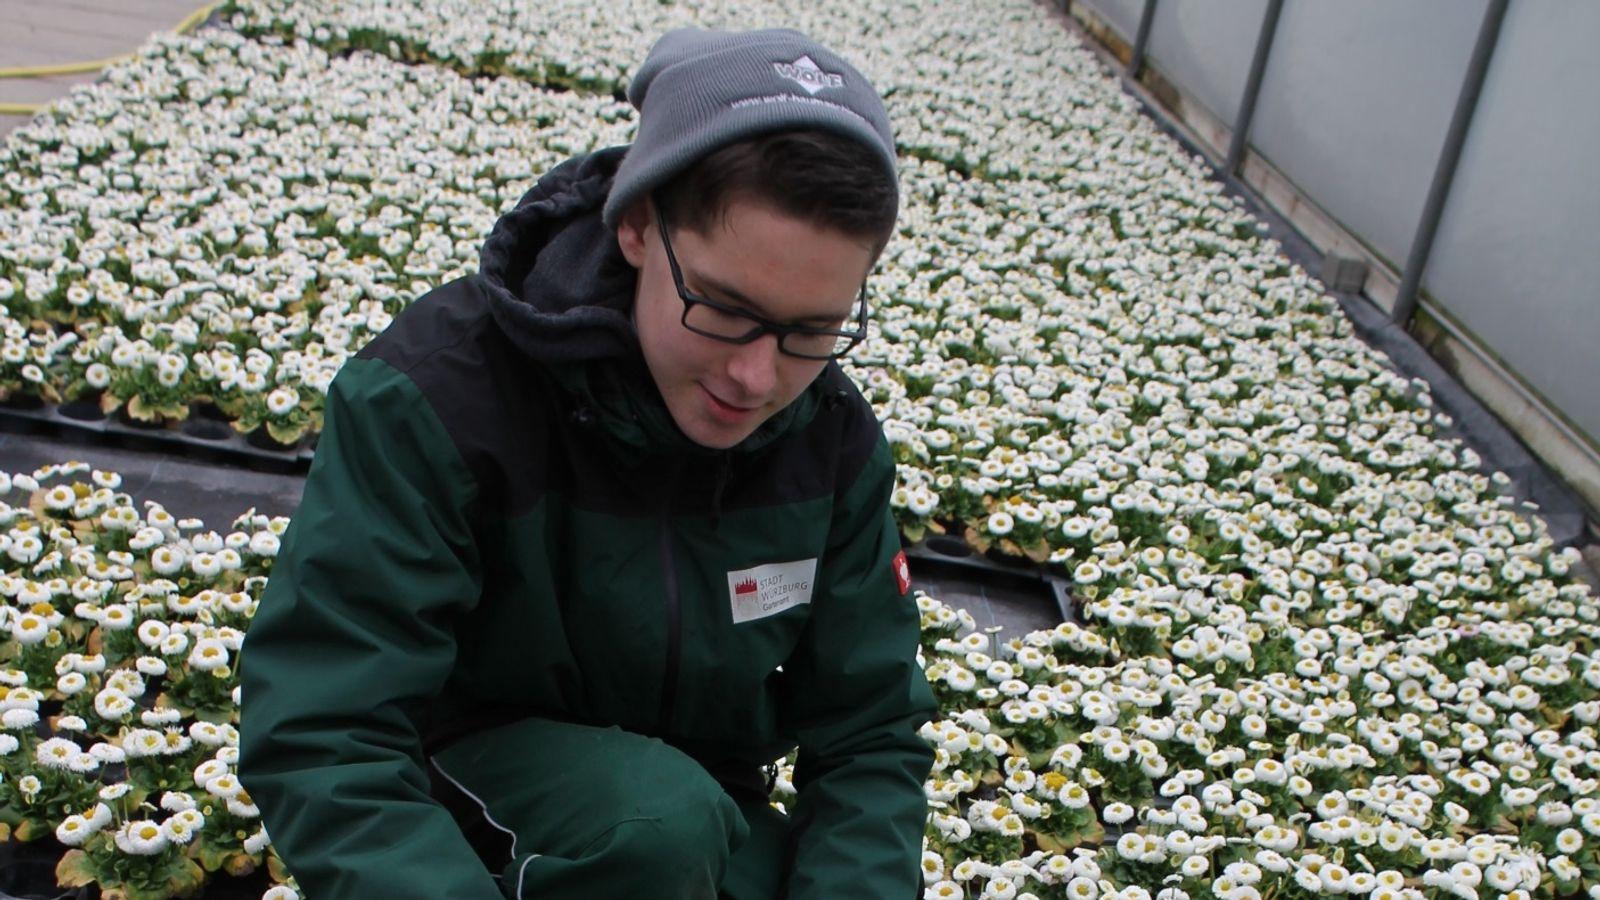 Gartenamt der Stadt Würzburg pflanzt Frühlingsboten